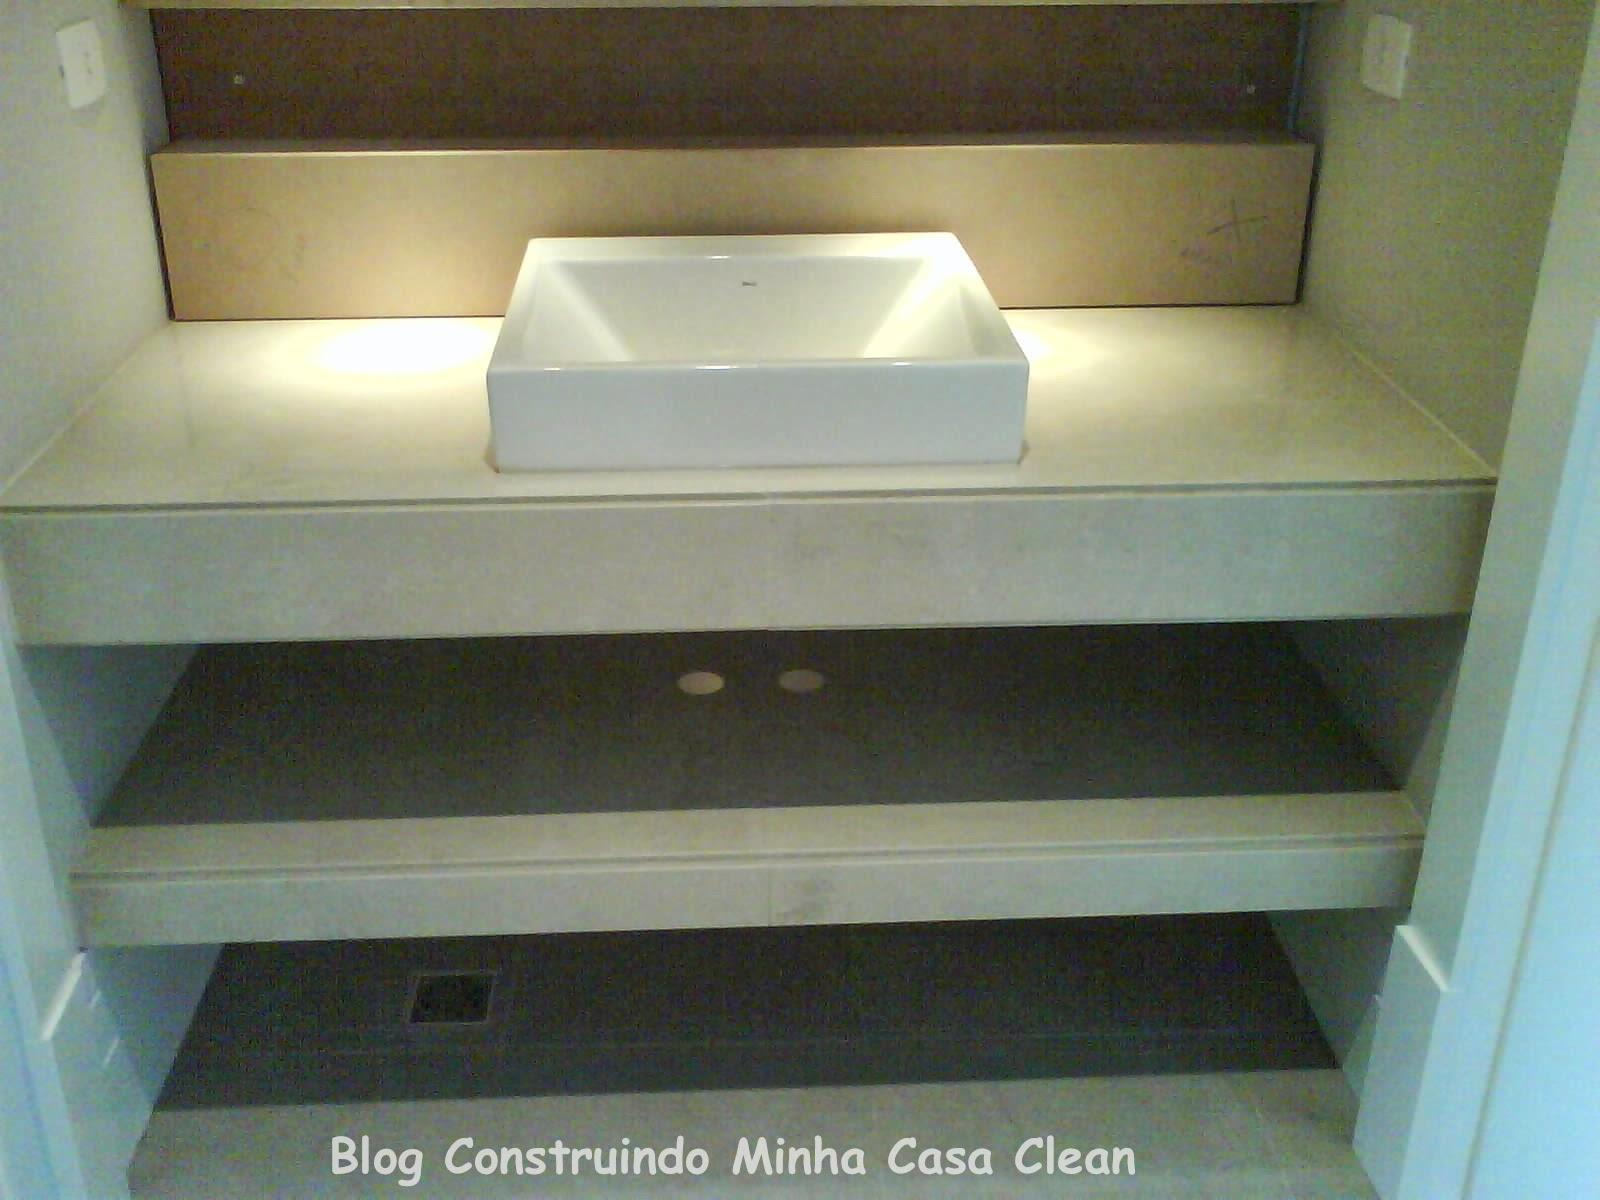 Construindo Minha Casa Clean: A Beleza das Bancadas de Porcelanato! #427D89 1600x1200 Banheiro Bancada Porcelanato